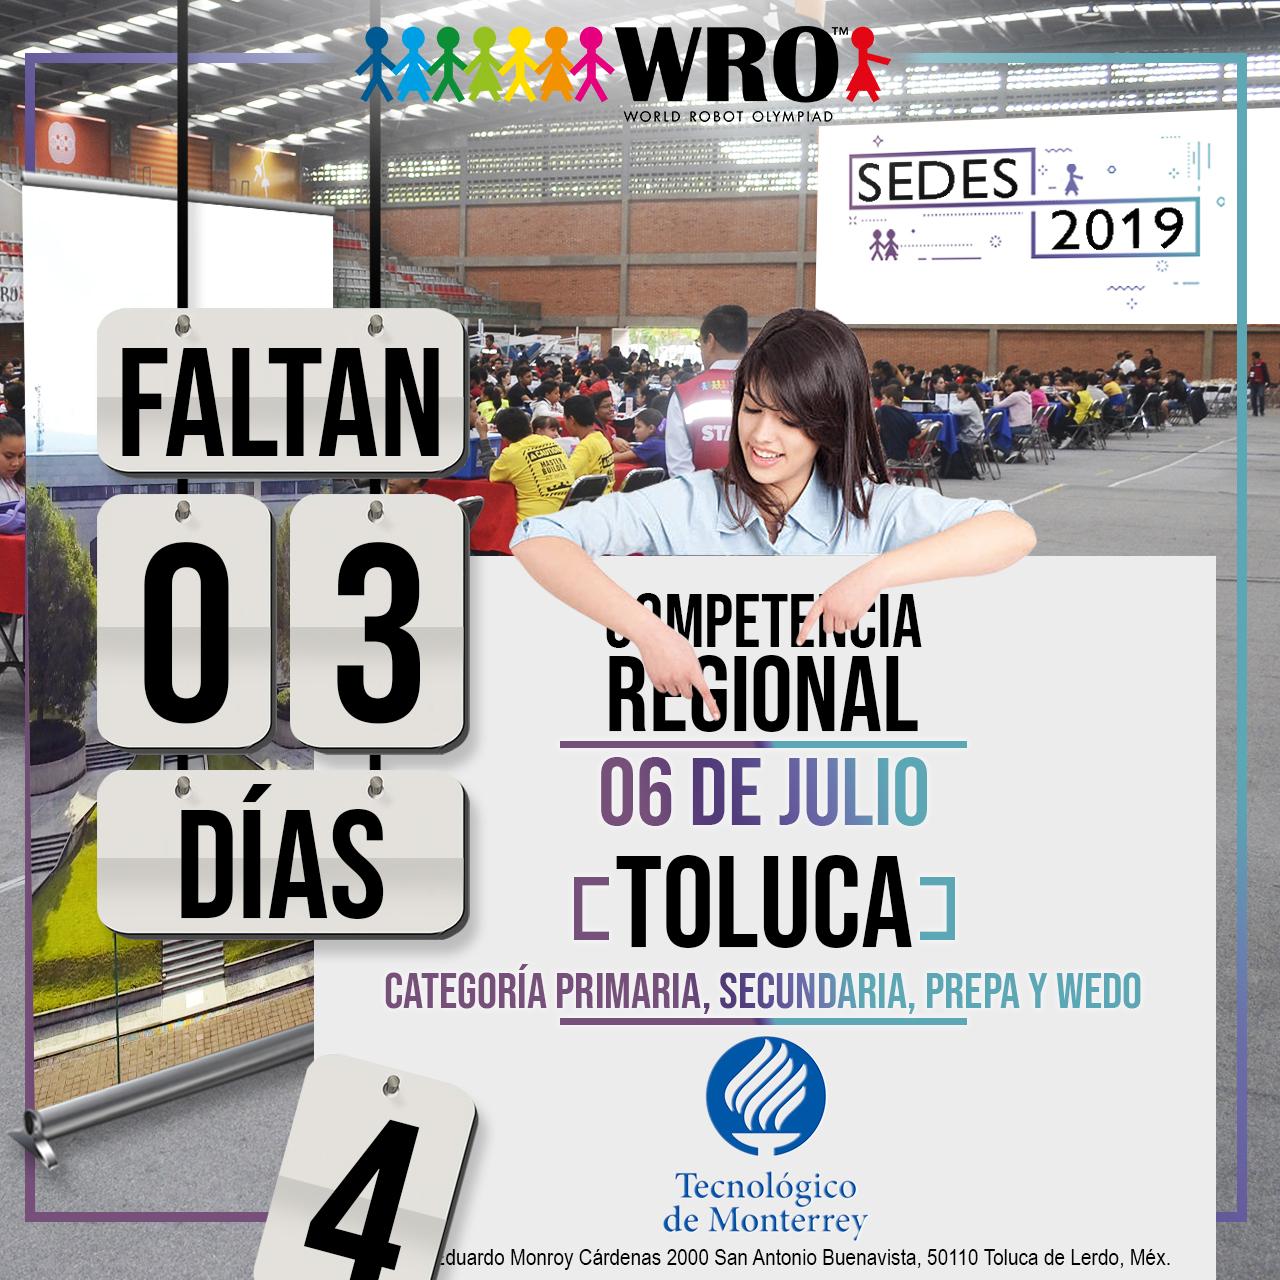 WRO México | Faltan 3 días Sede Toluca